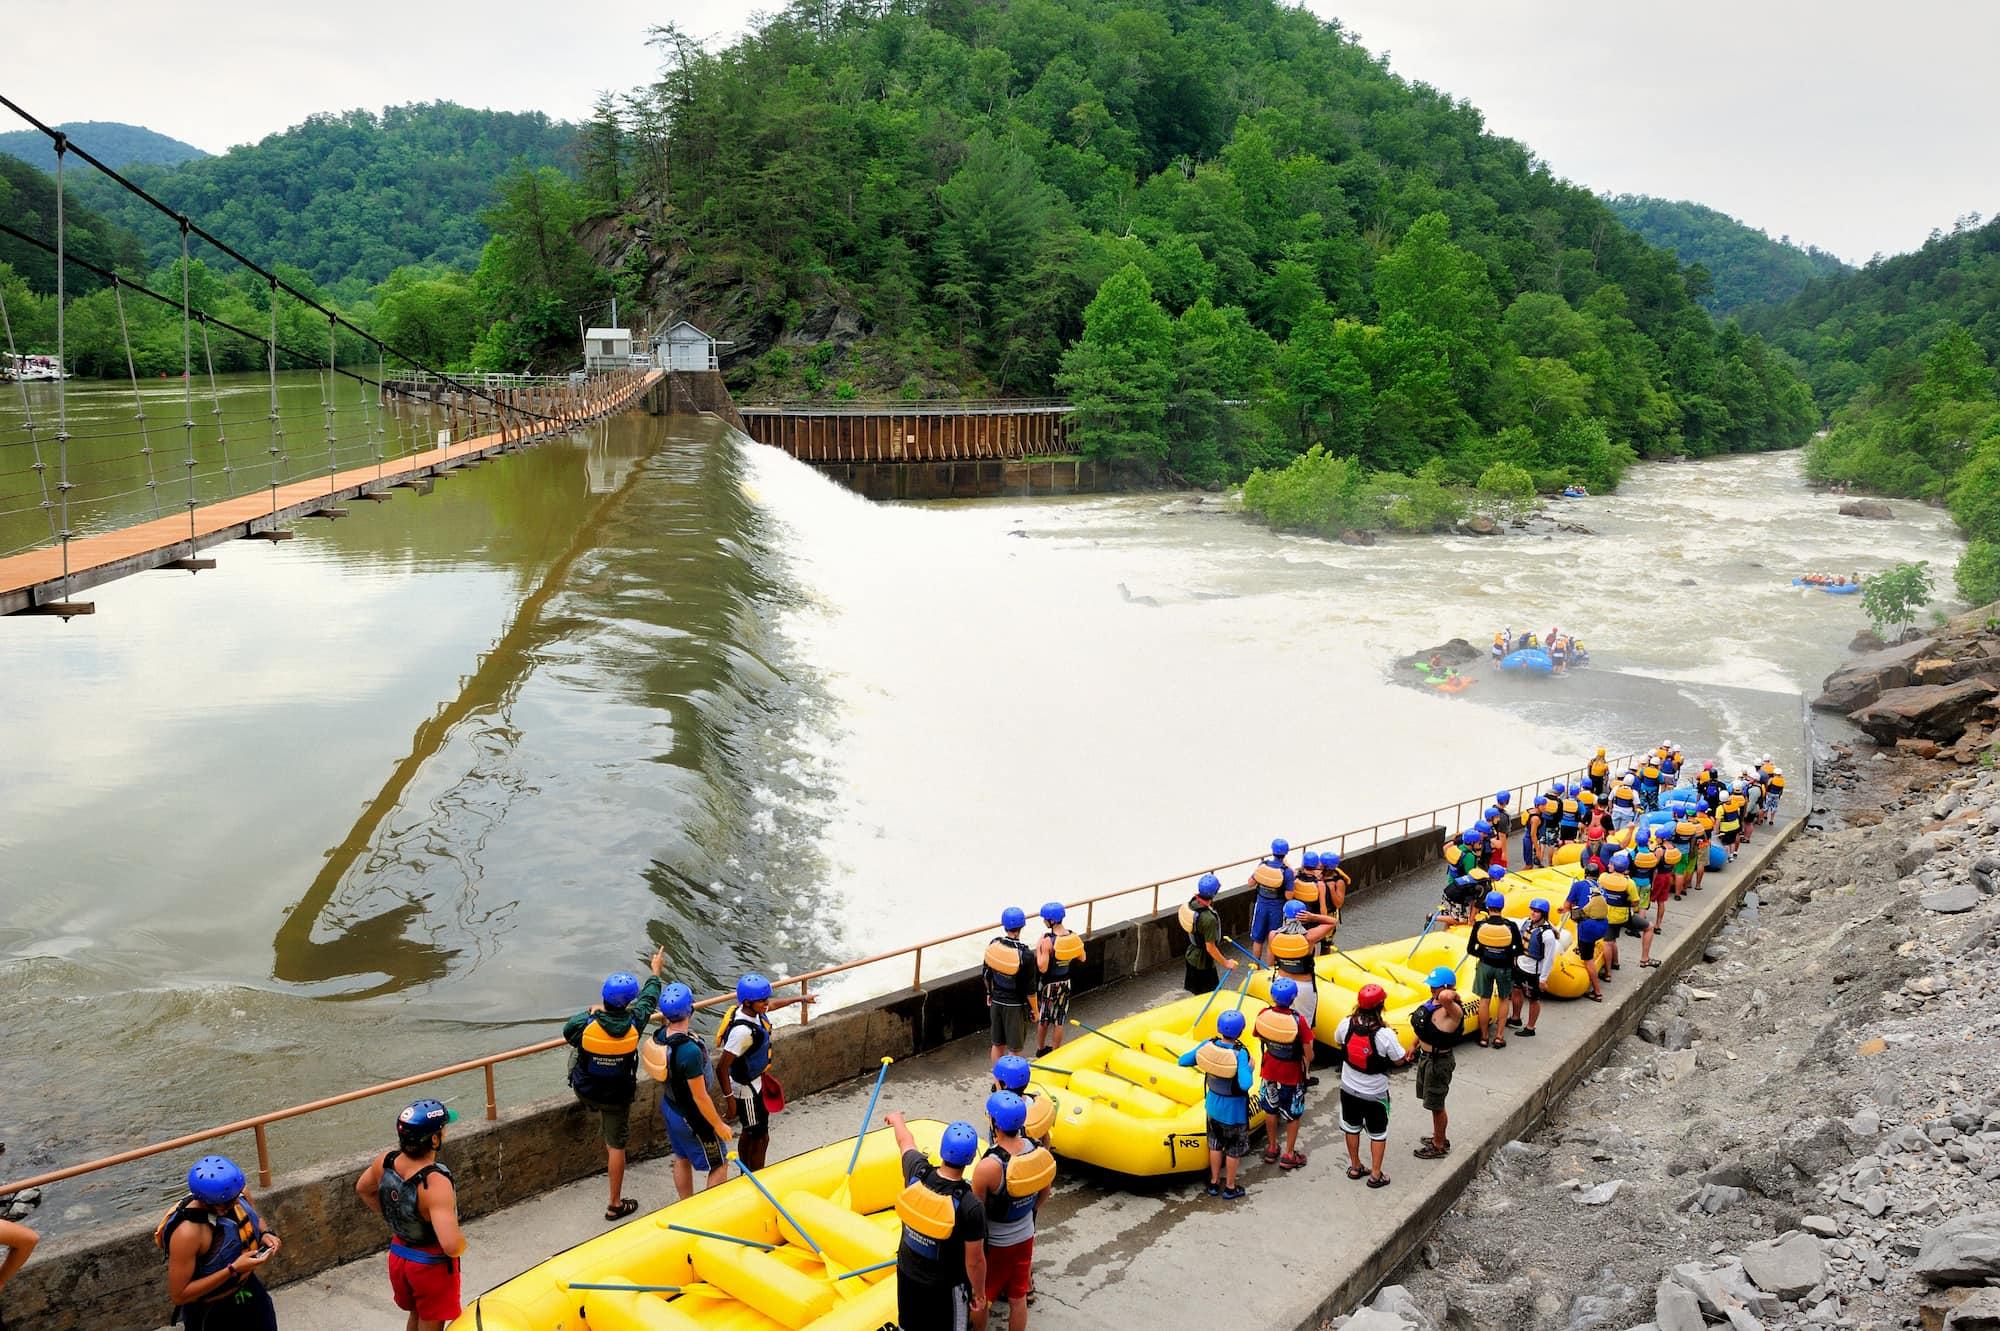 White water raft drop in spot along the Ocoee.